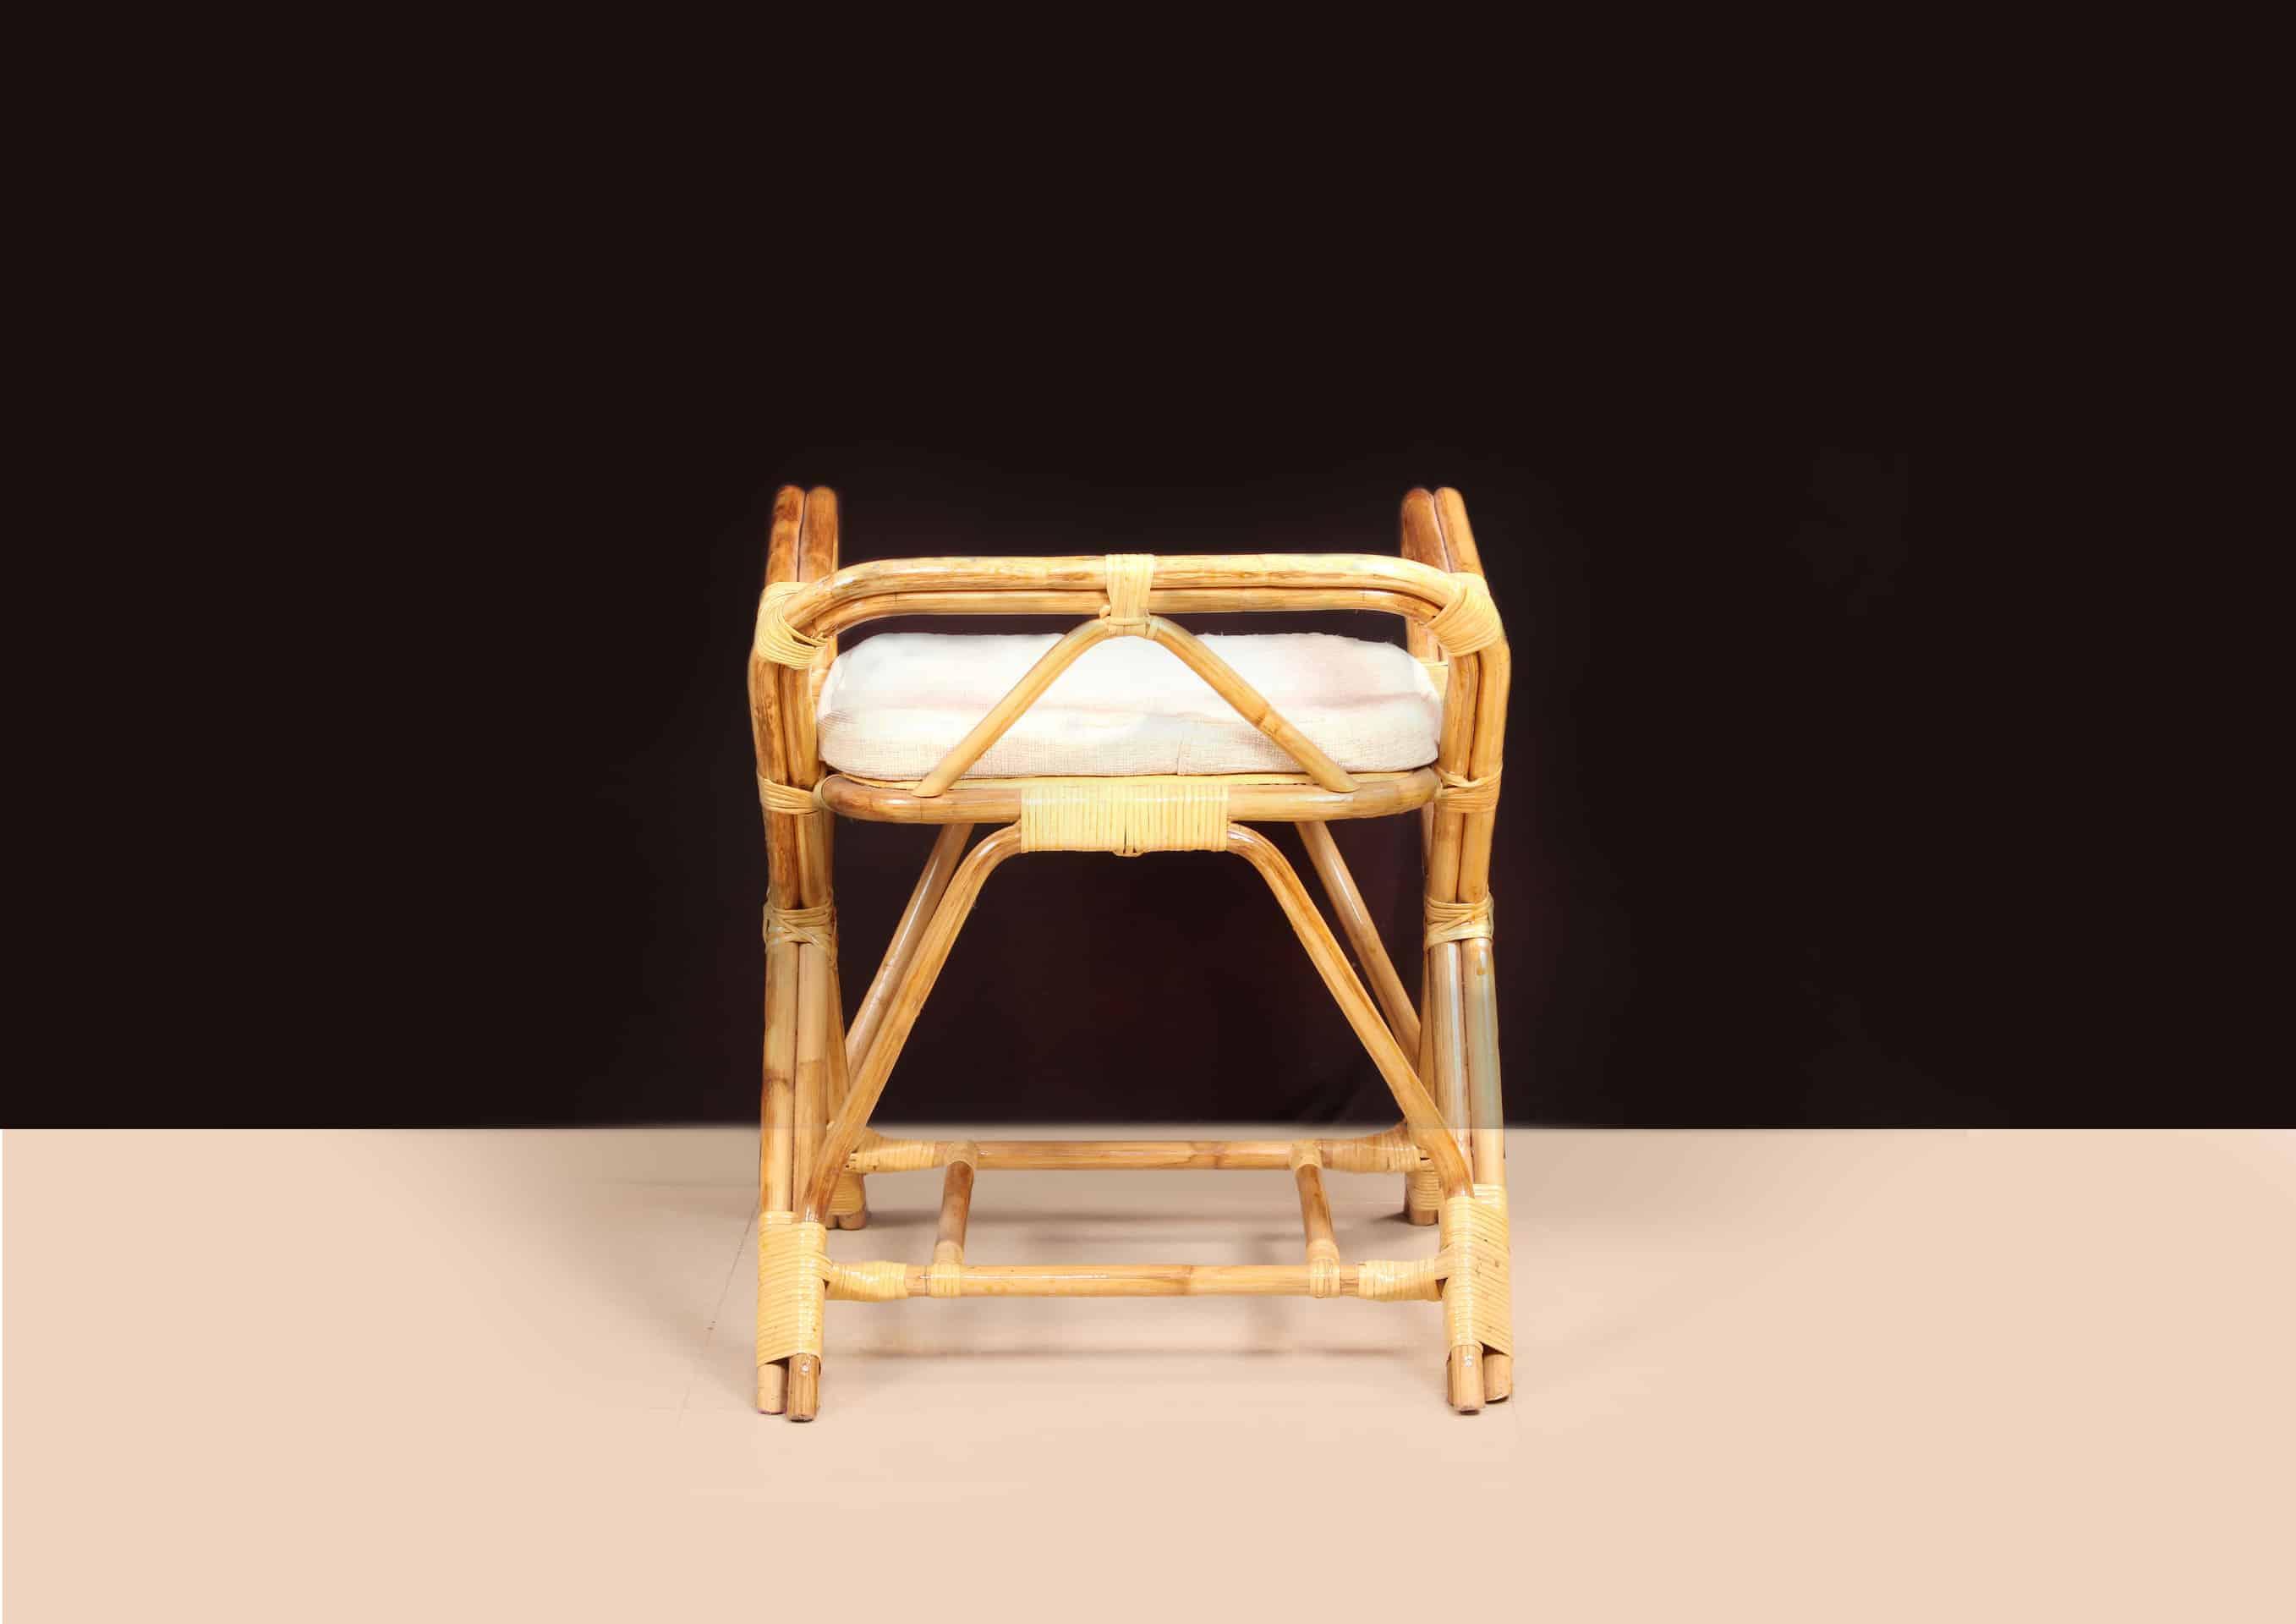 Waiting Chair Design Ideas